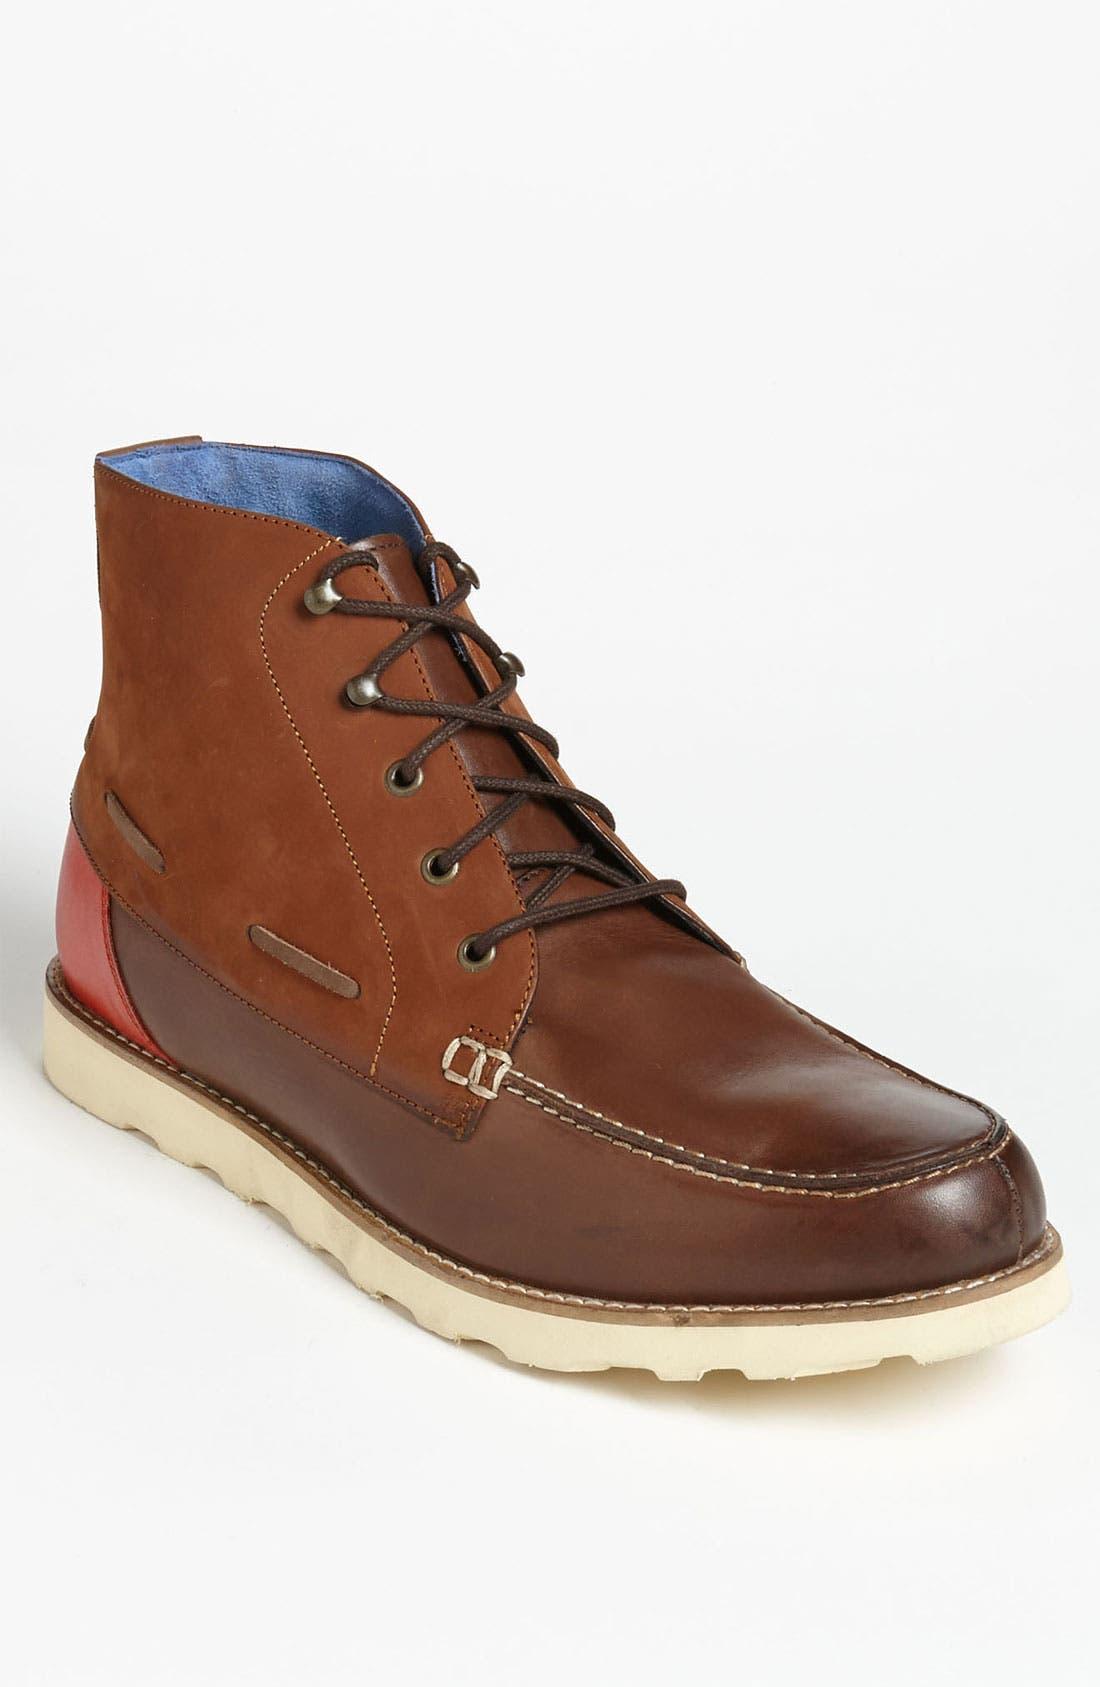 Alternate Image 1 Selected - Ted Baker London 'Murrt' Plain Toe Boot